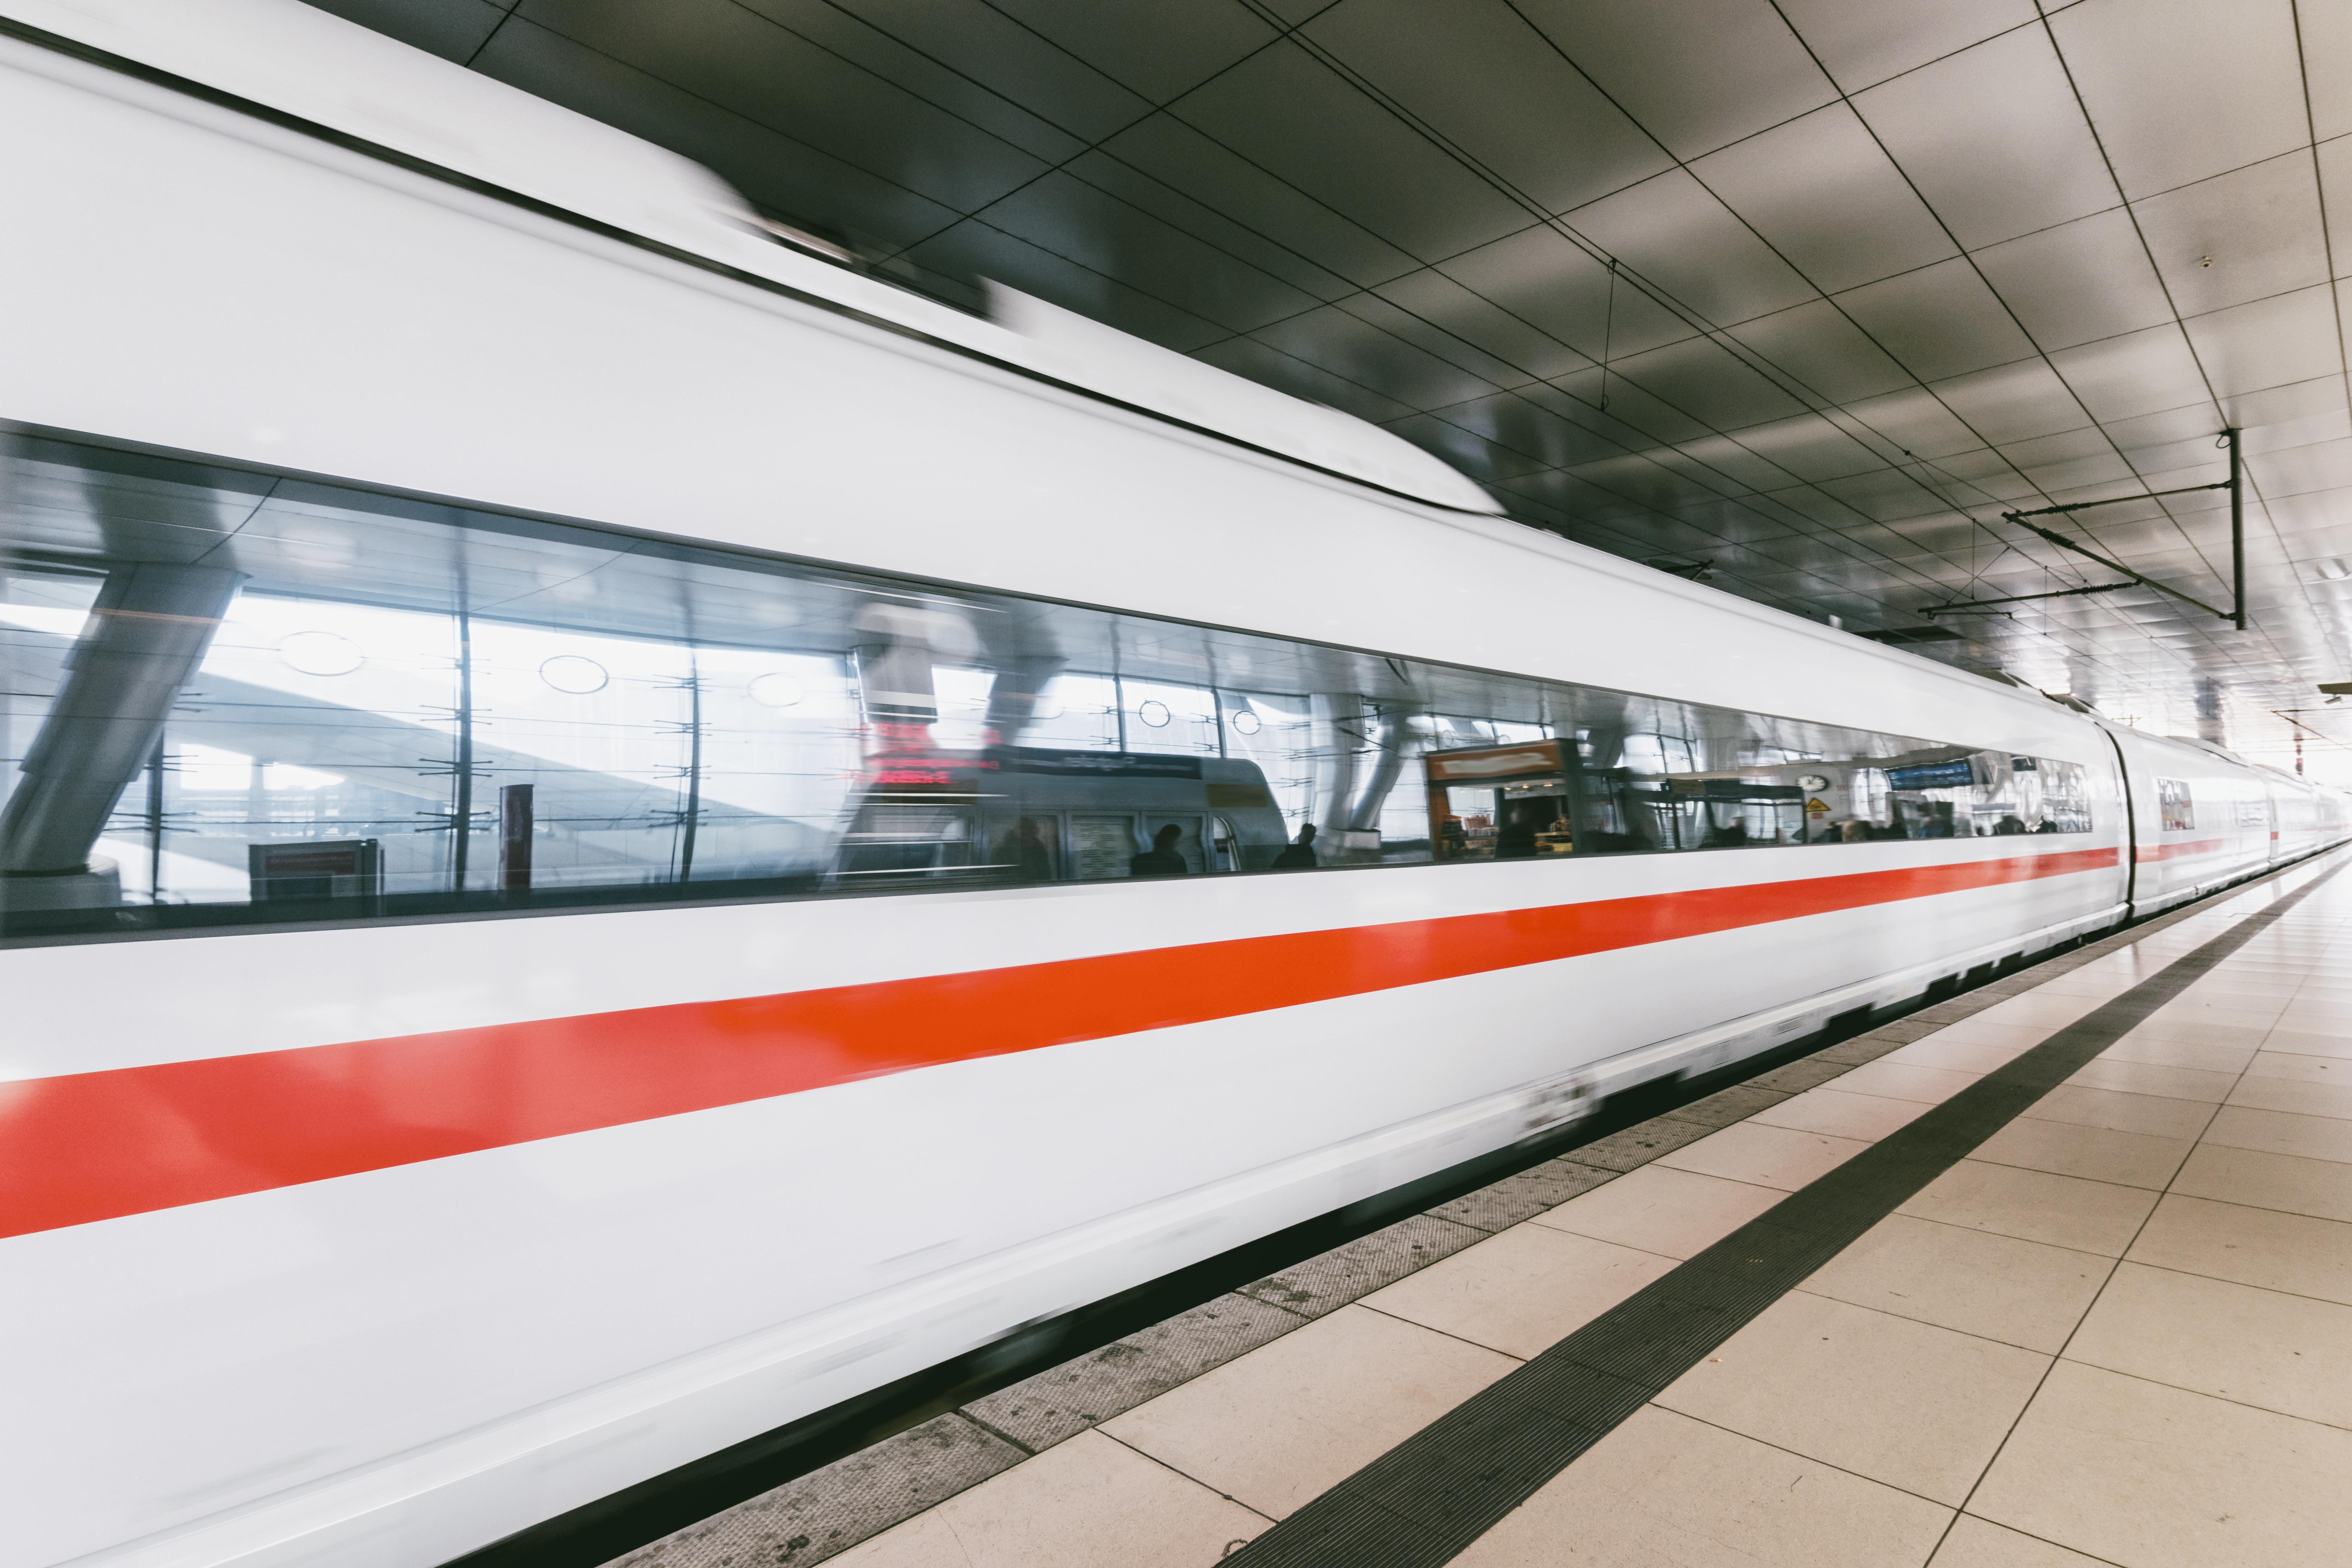 Zug an Berliner Bahnhofstation